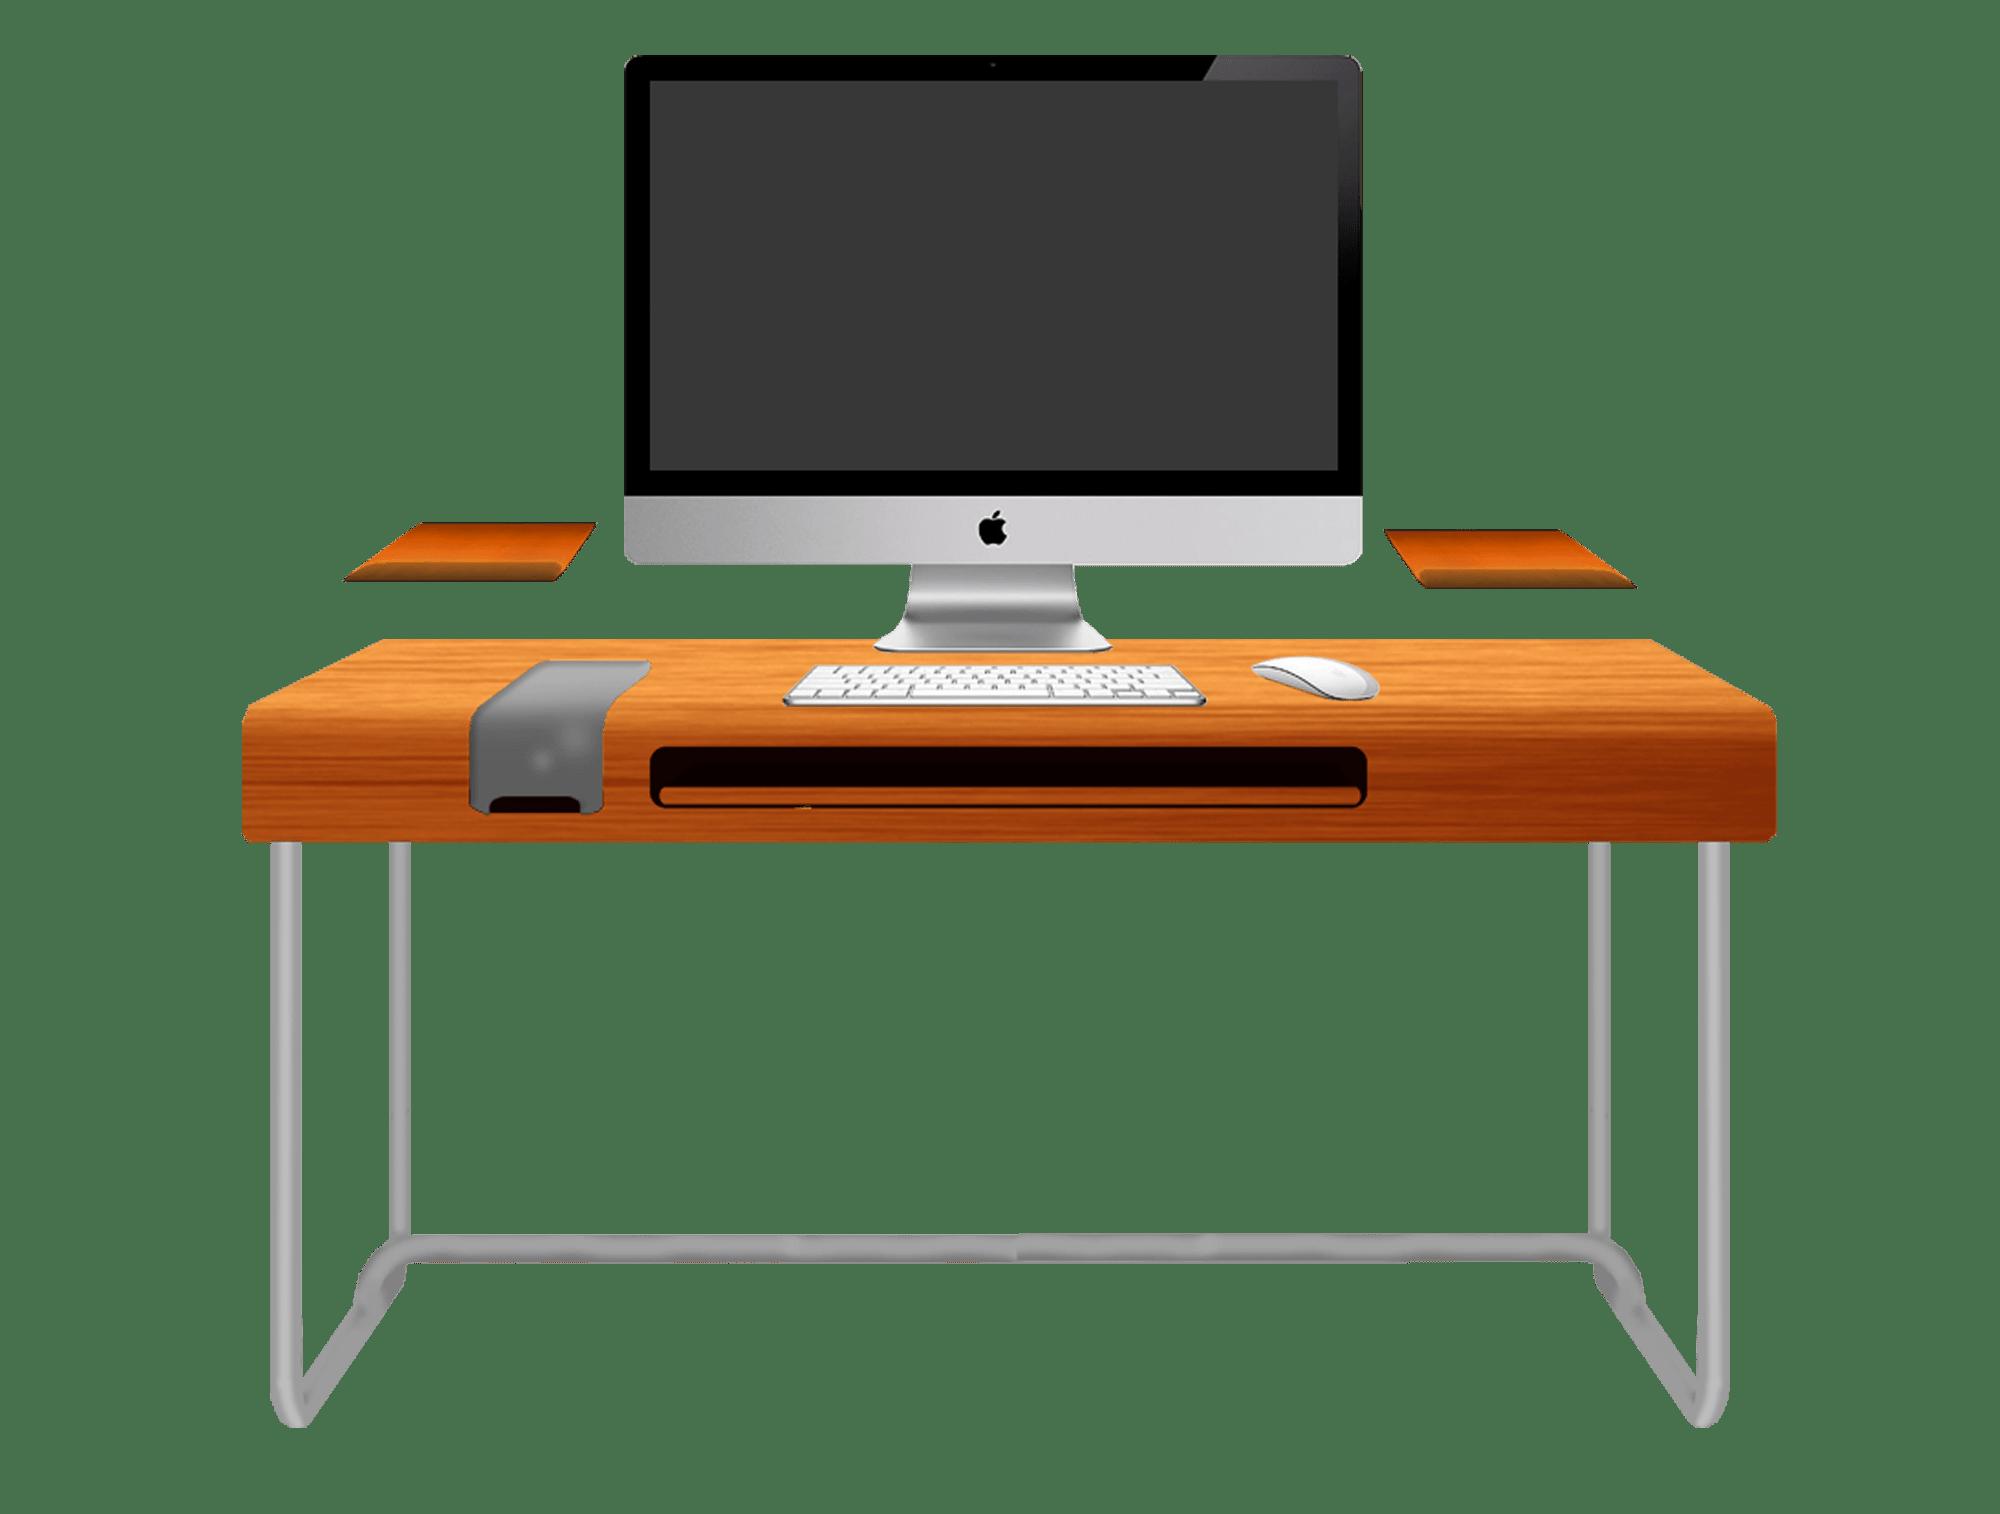 Modern Orange Computer Desk Design With Black Keyboard And